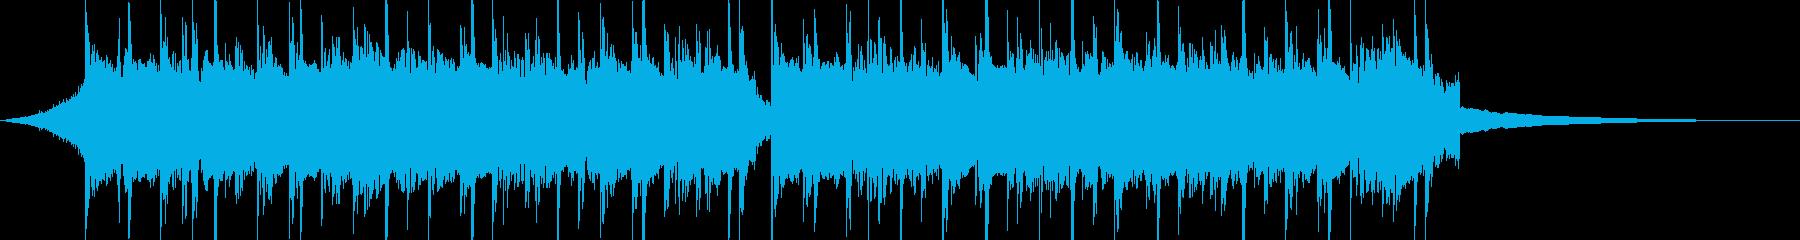 CM30秒、おしゃれなギターのトラックの再生済みの波形